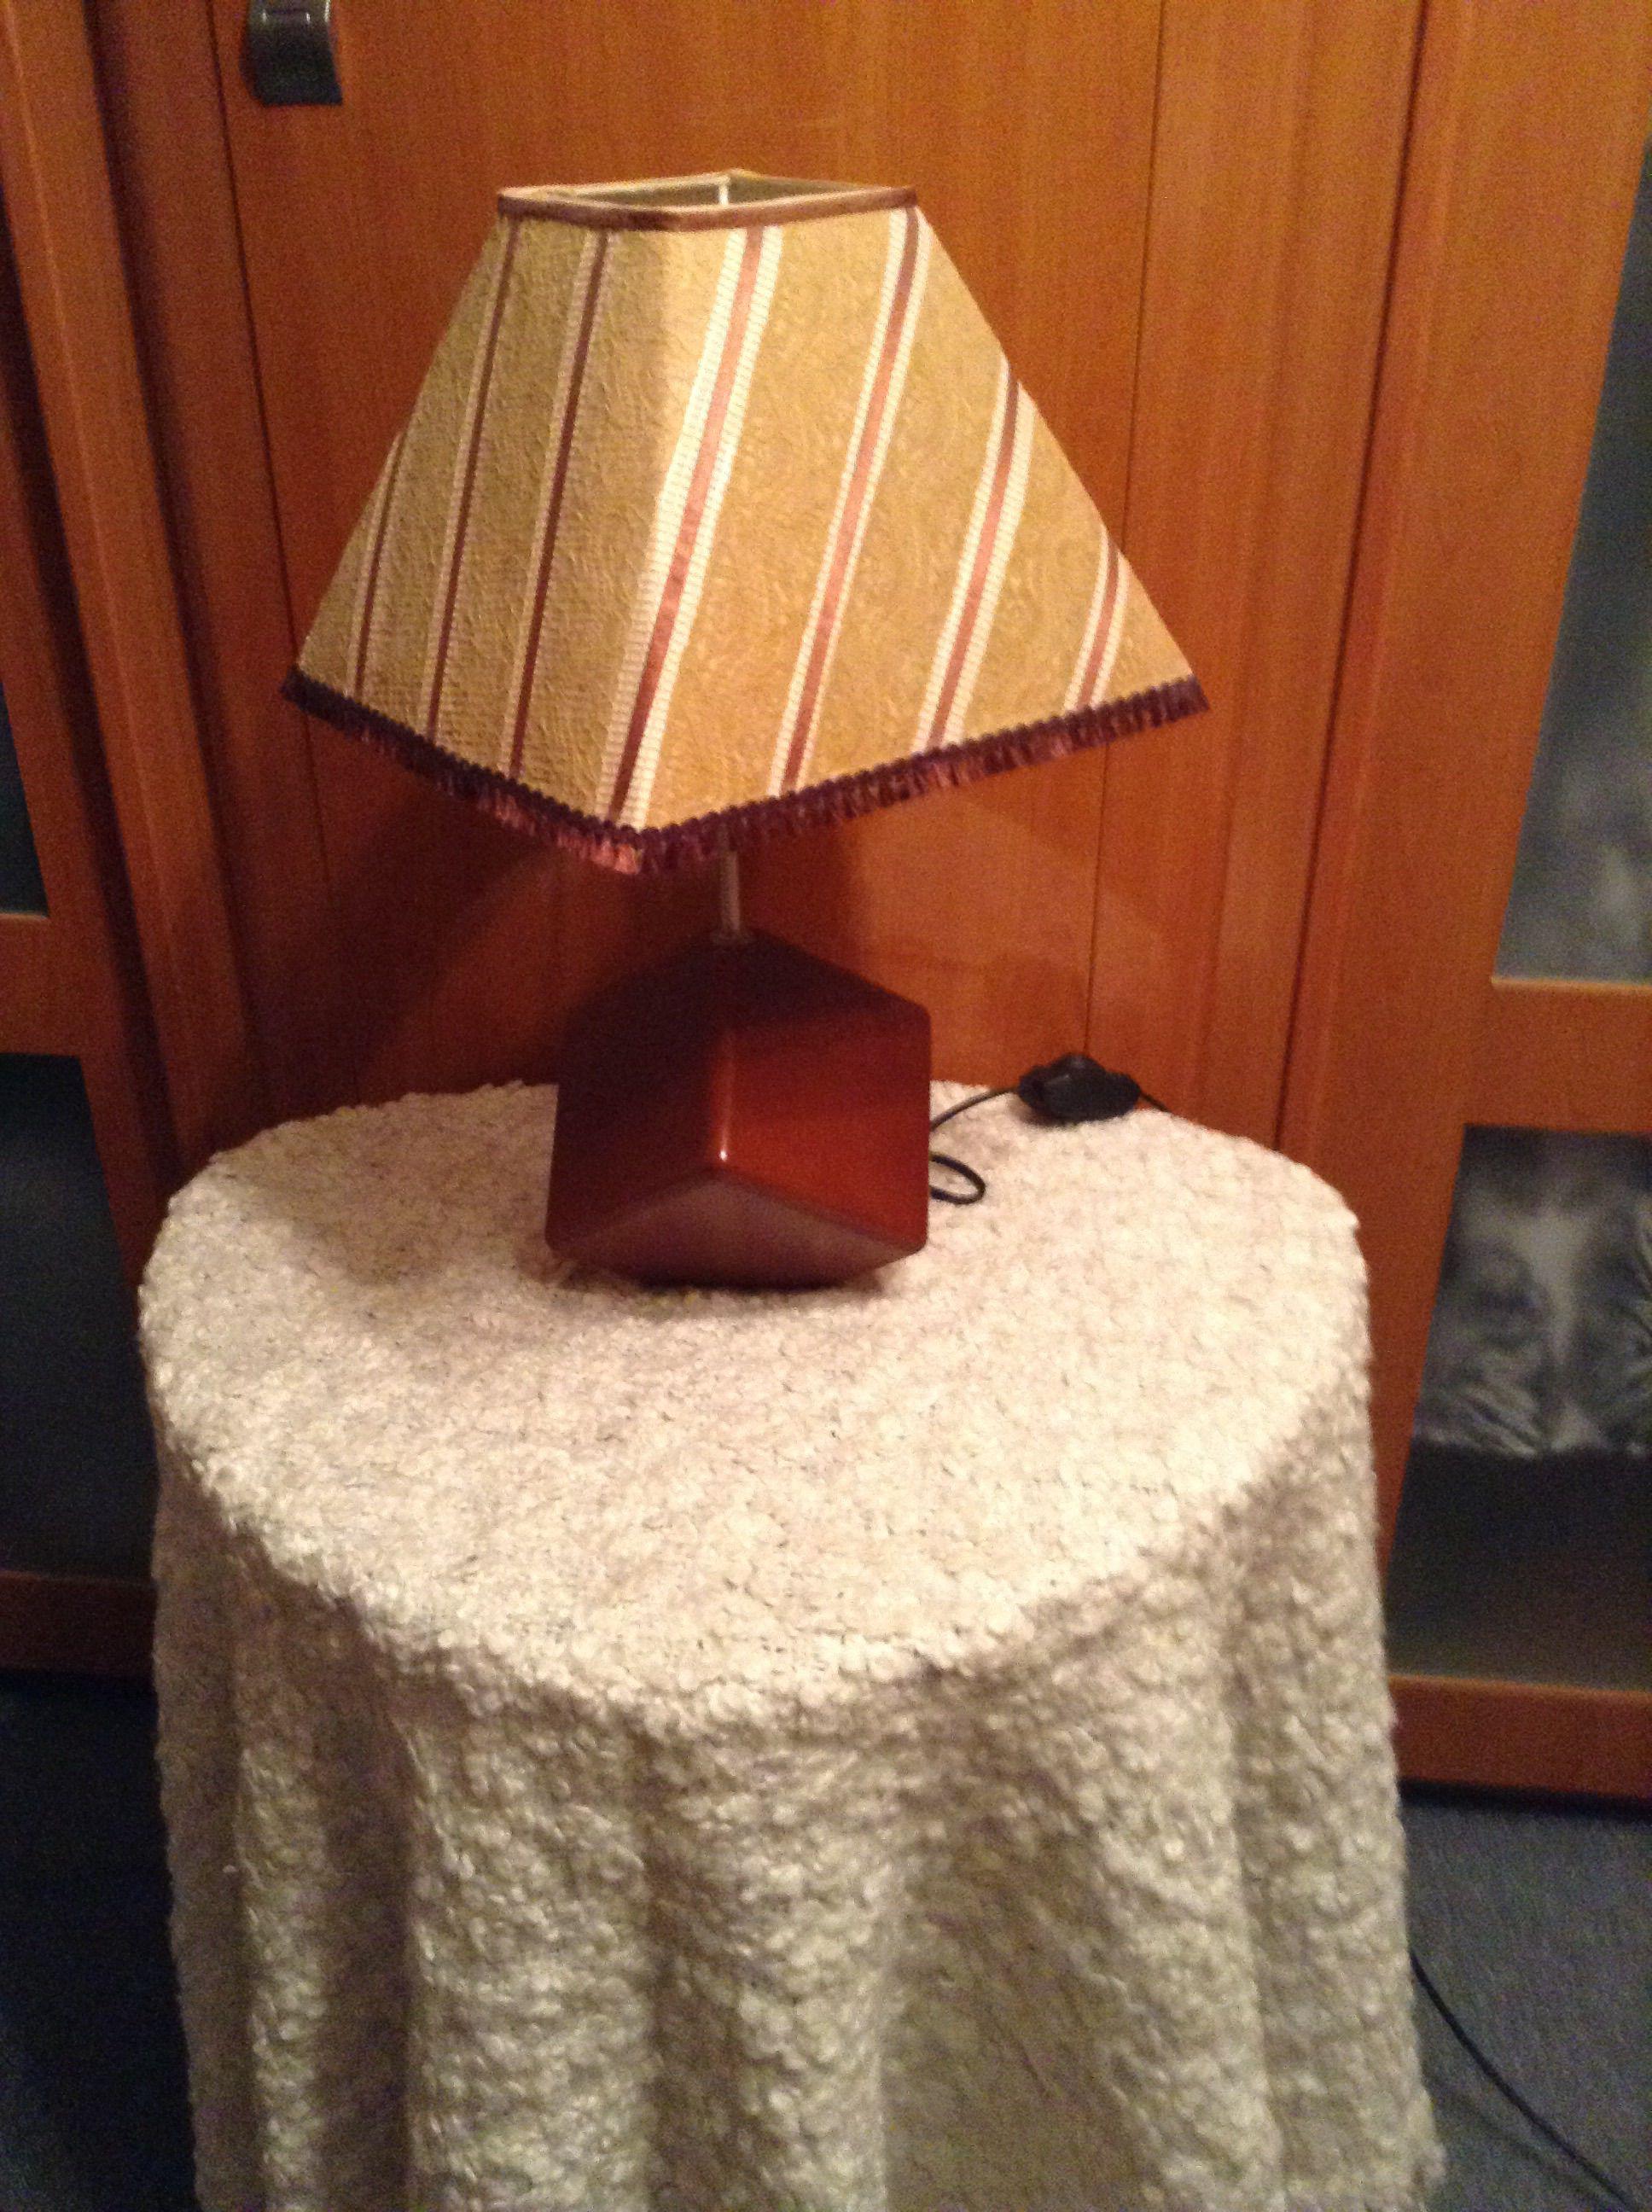 interior decoration lampshade